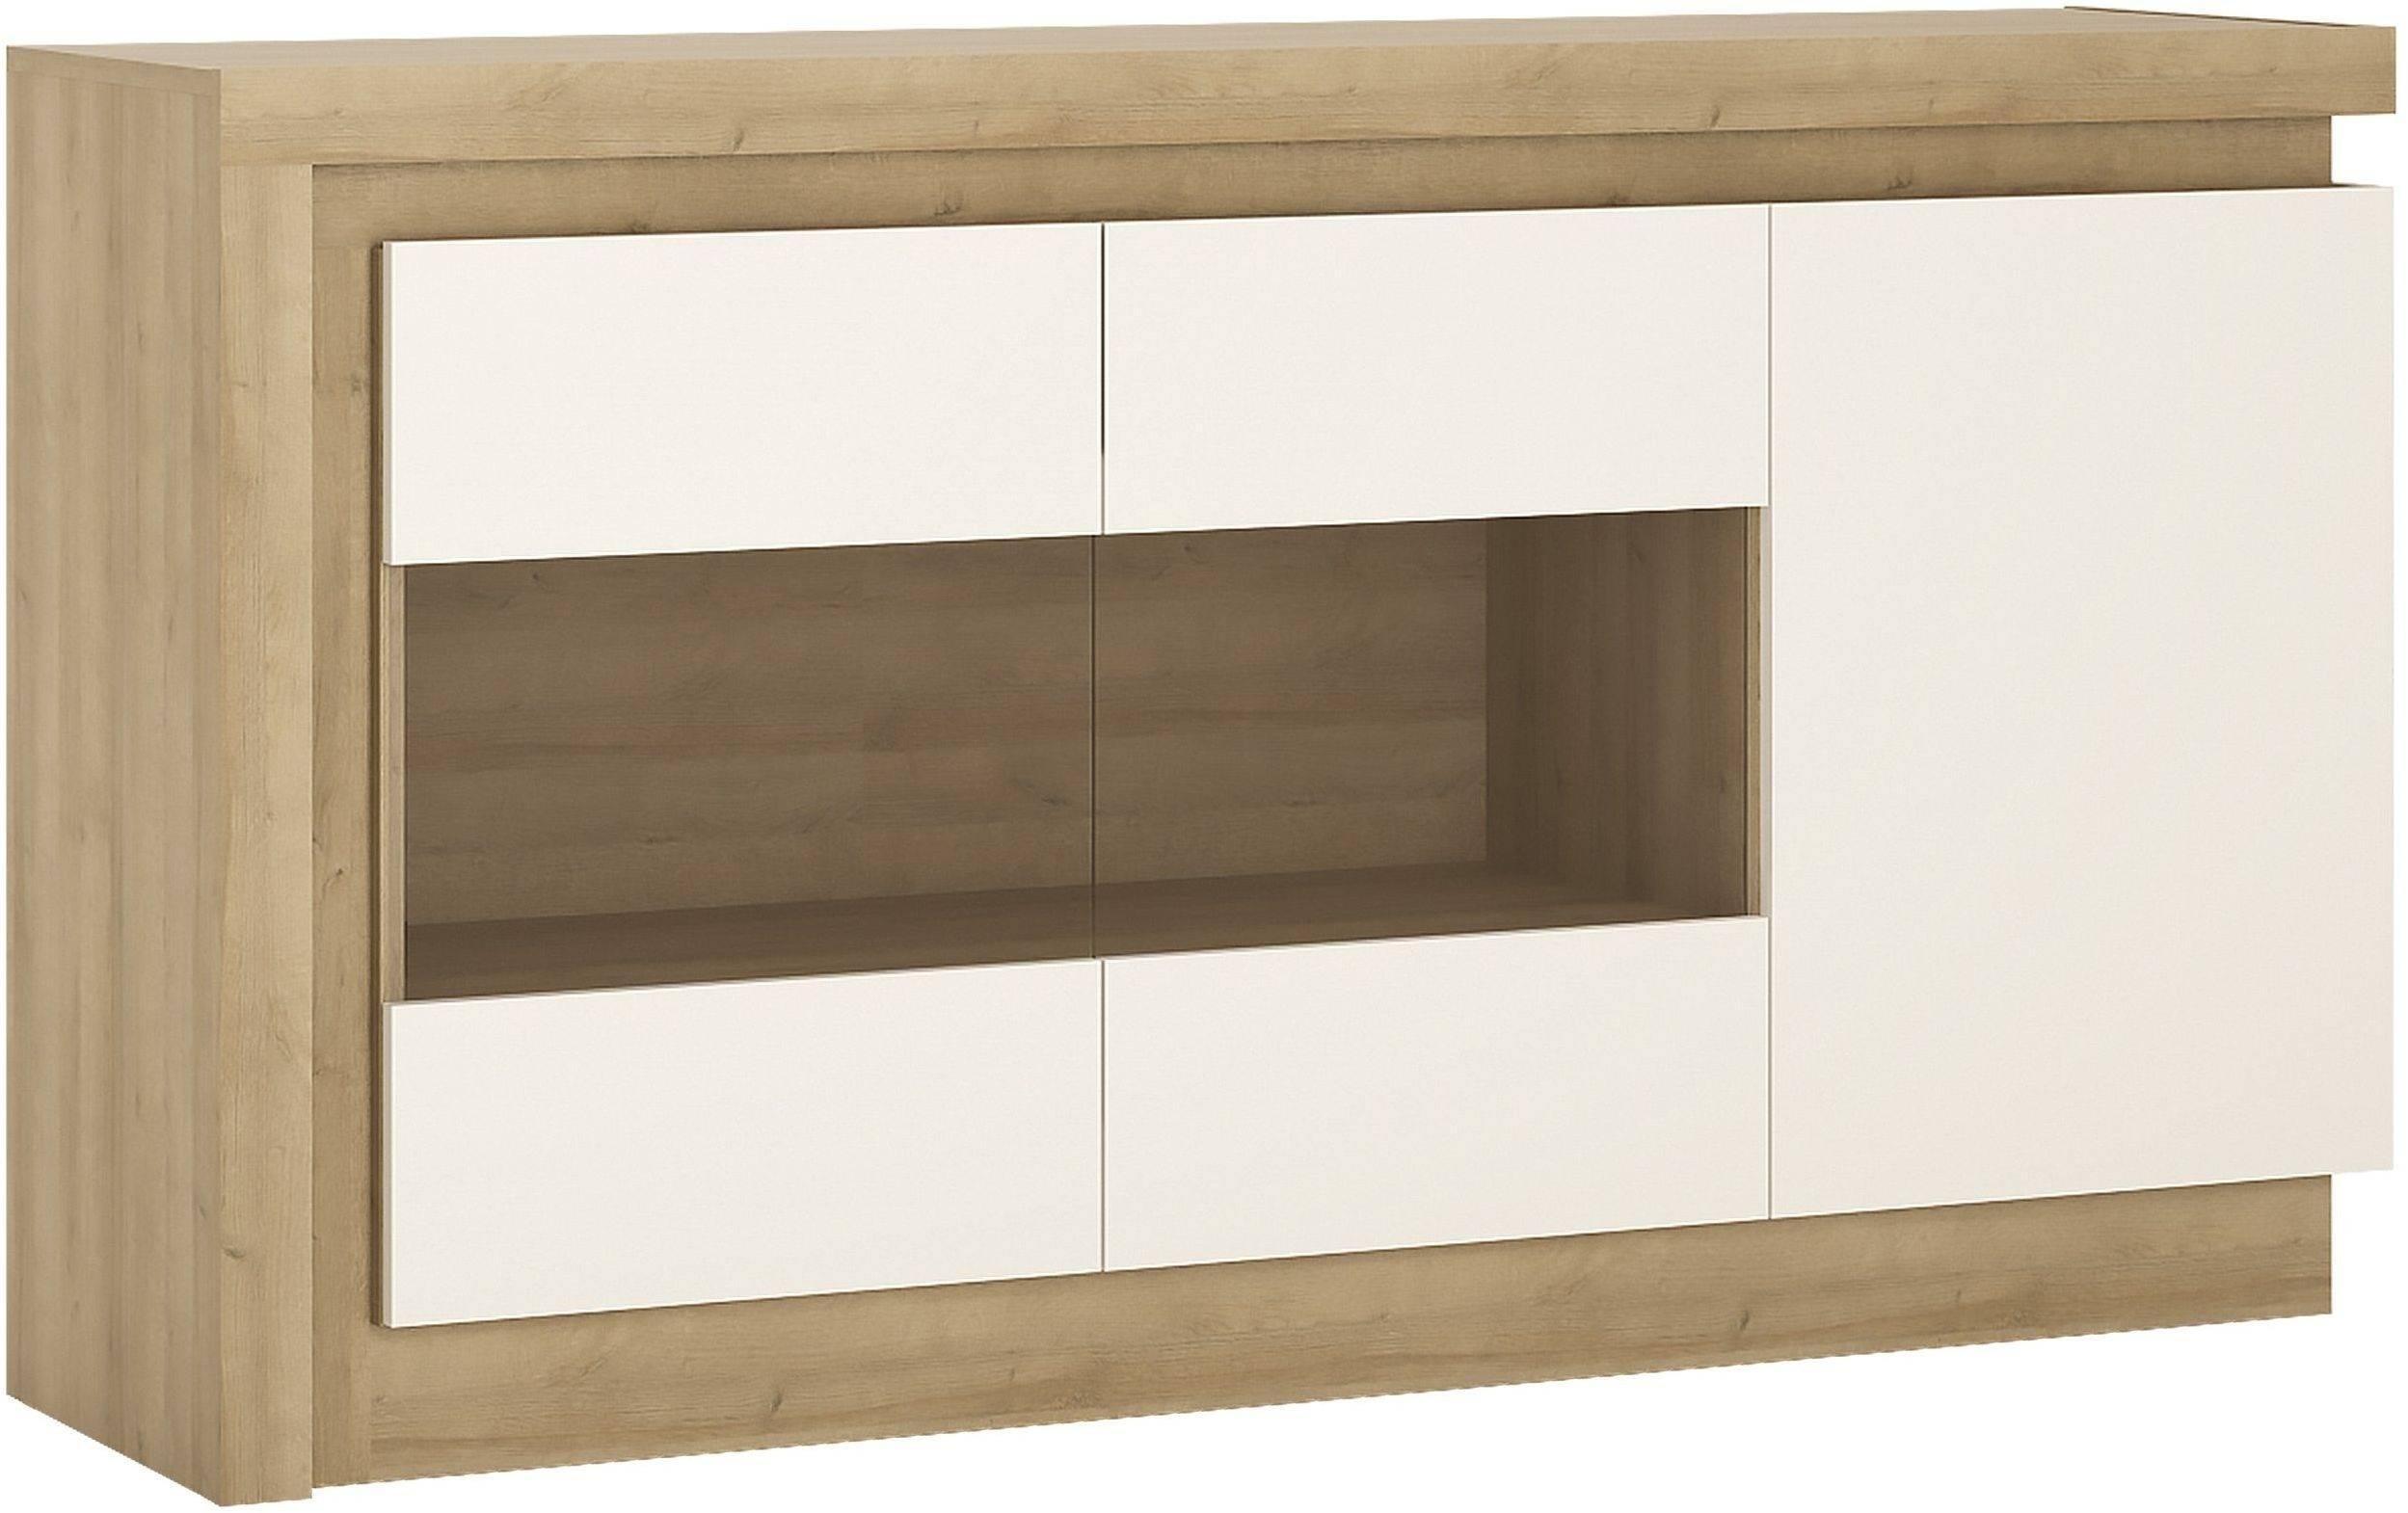 Buy Lyon Riviera Oak And White High Gloss Sideboard – 3 Door Throughout Cheap White High Gloss Sideboards (#3 of 15)